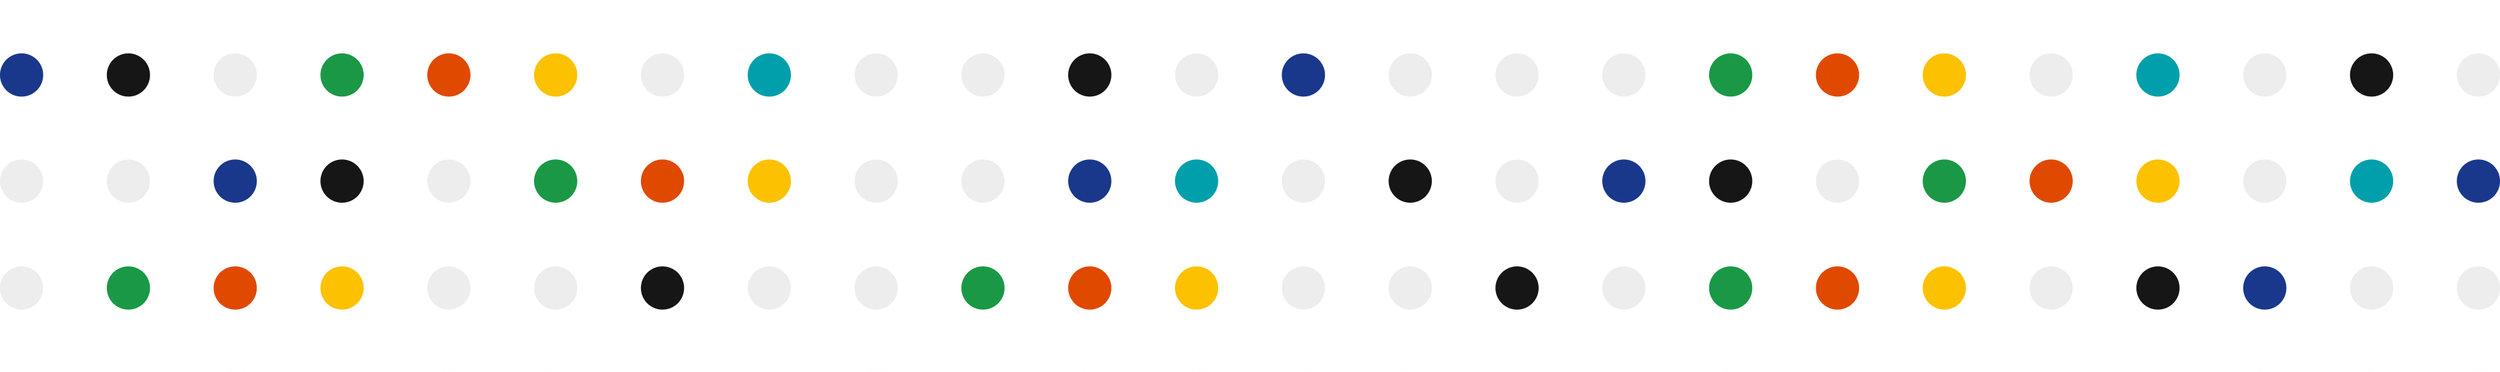 Ellipsis-pattern-3.jpg